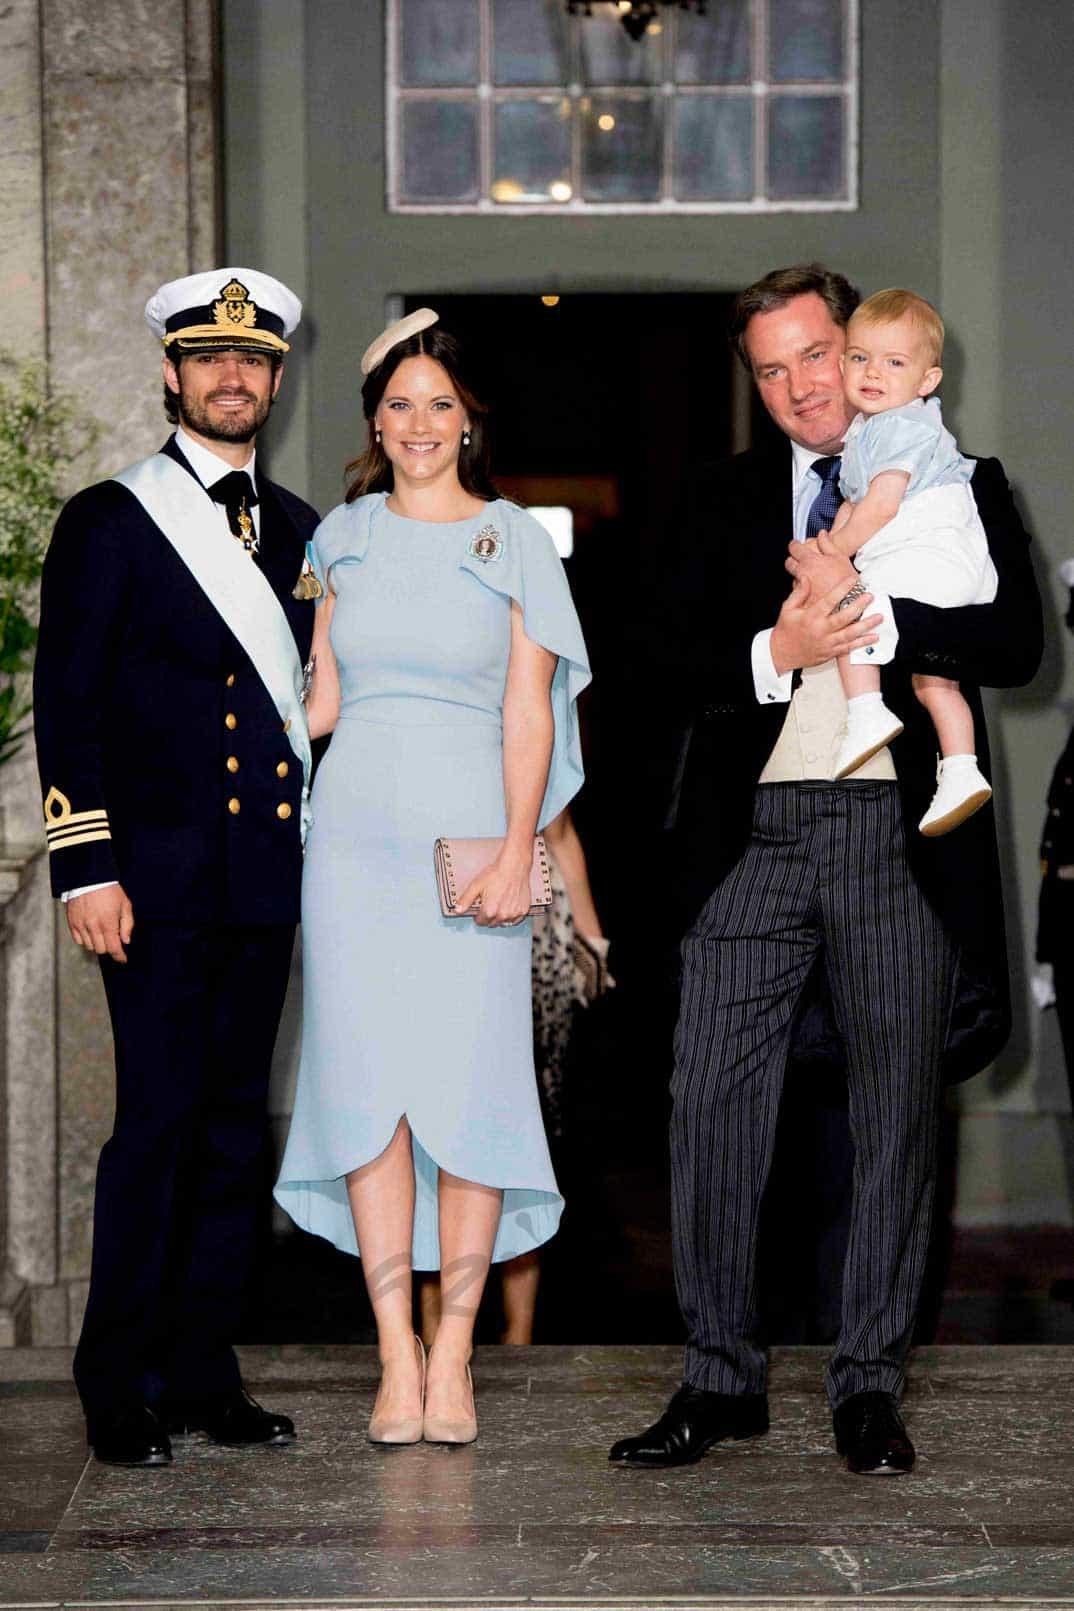 Príncipe Carlos Felipe, princesa Sofía, príncipe Christopher O'Neill y el pequeño Nicolás de Suecia